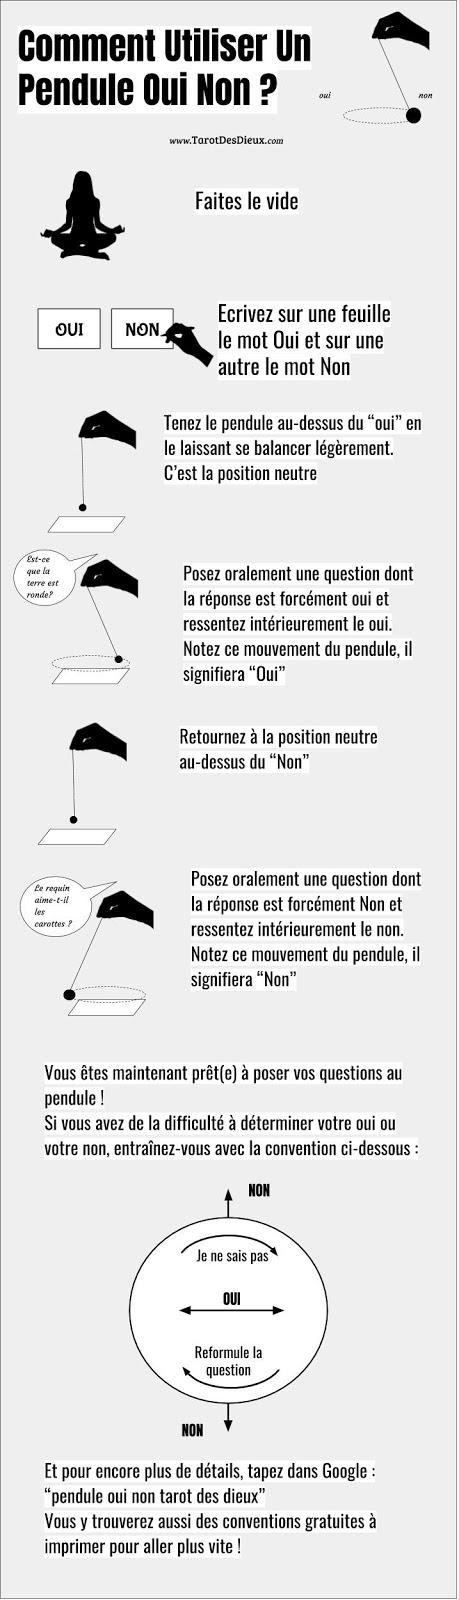 #infographie pour apprendre à se servir d'un pendule oui non. #tutoriel #voyance #infographic